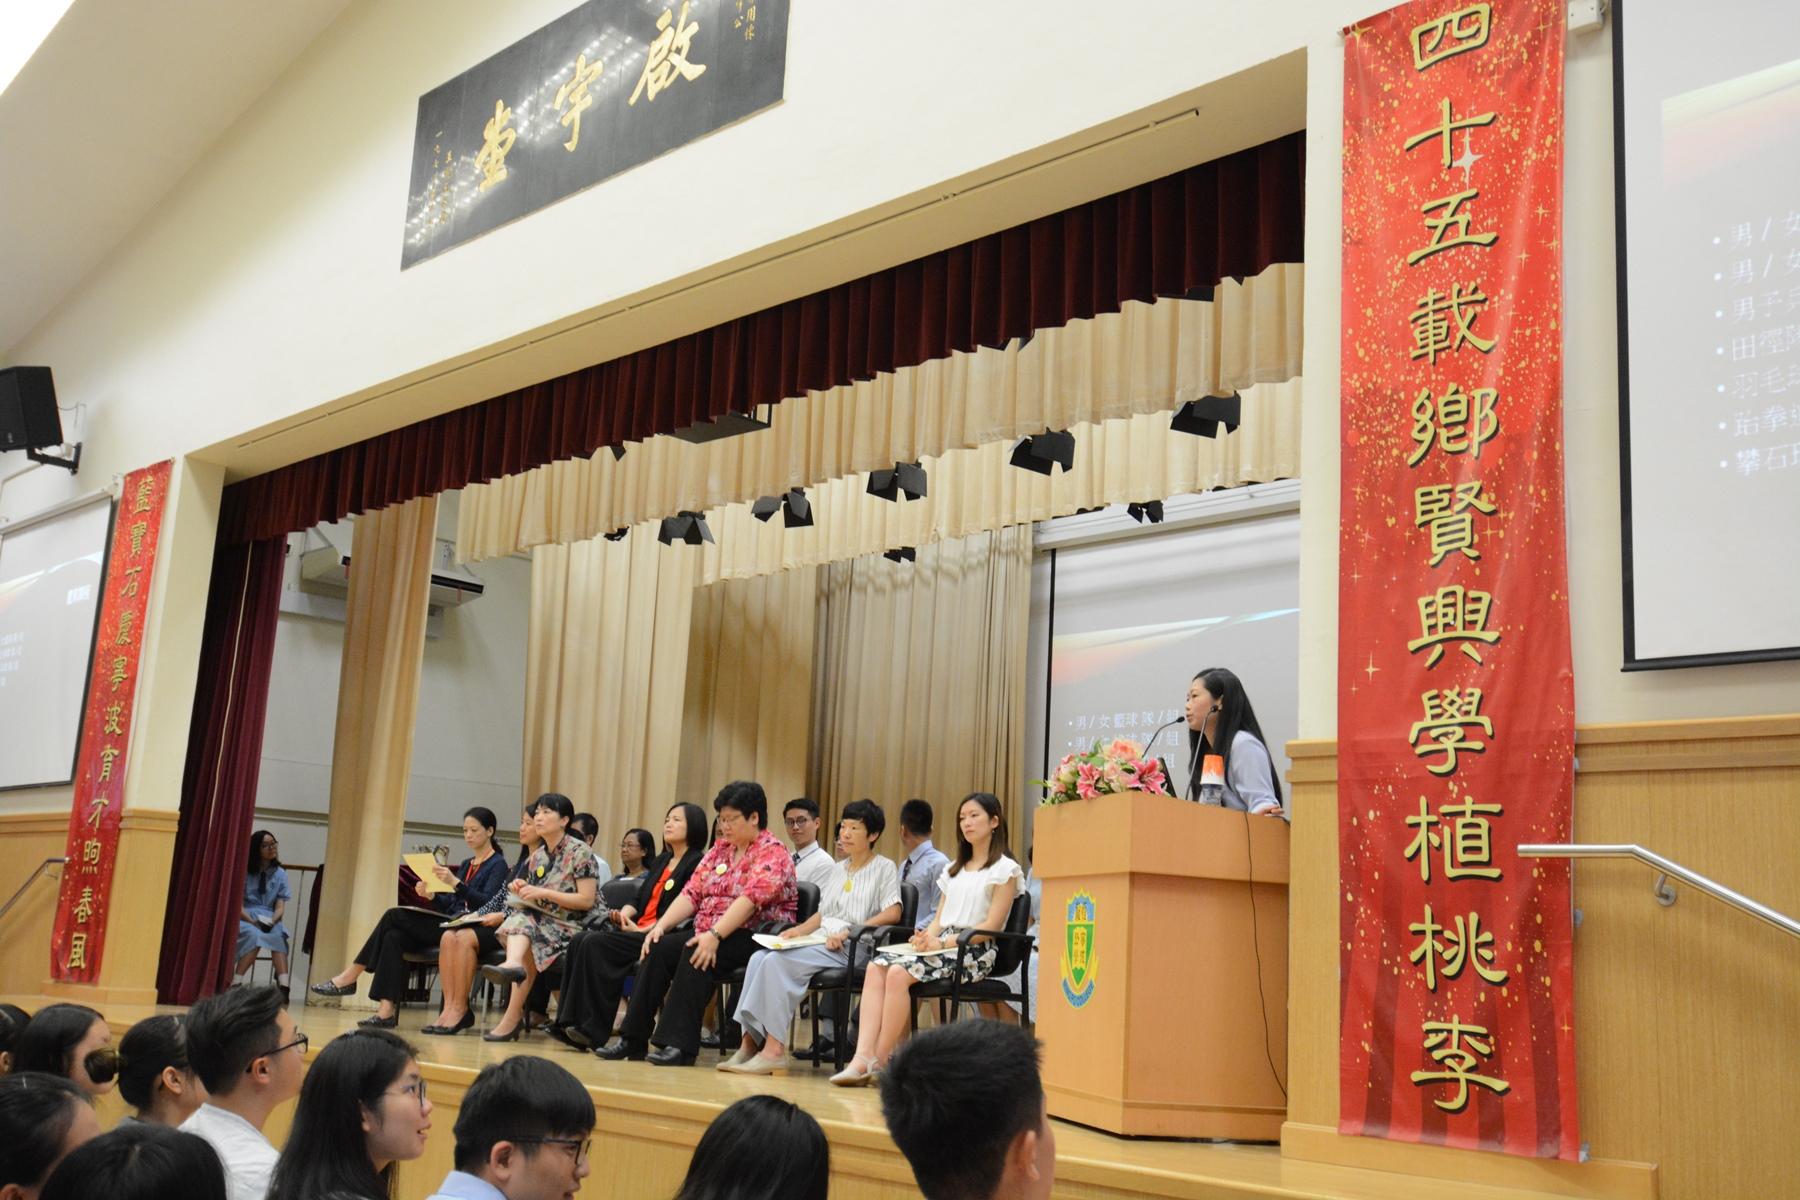 https://www.npc.edu.hk/sites/default/files/dsc_2863.jpg